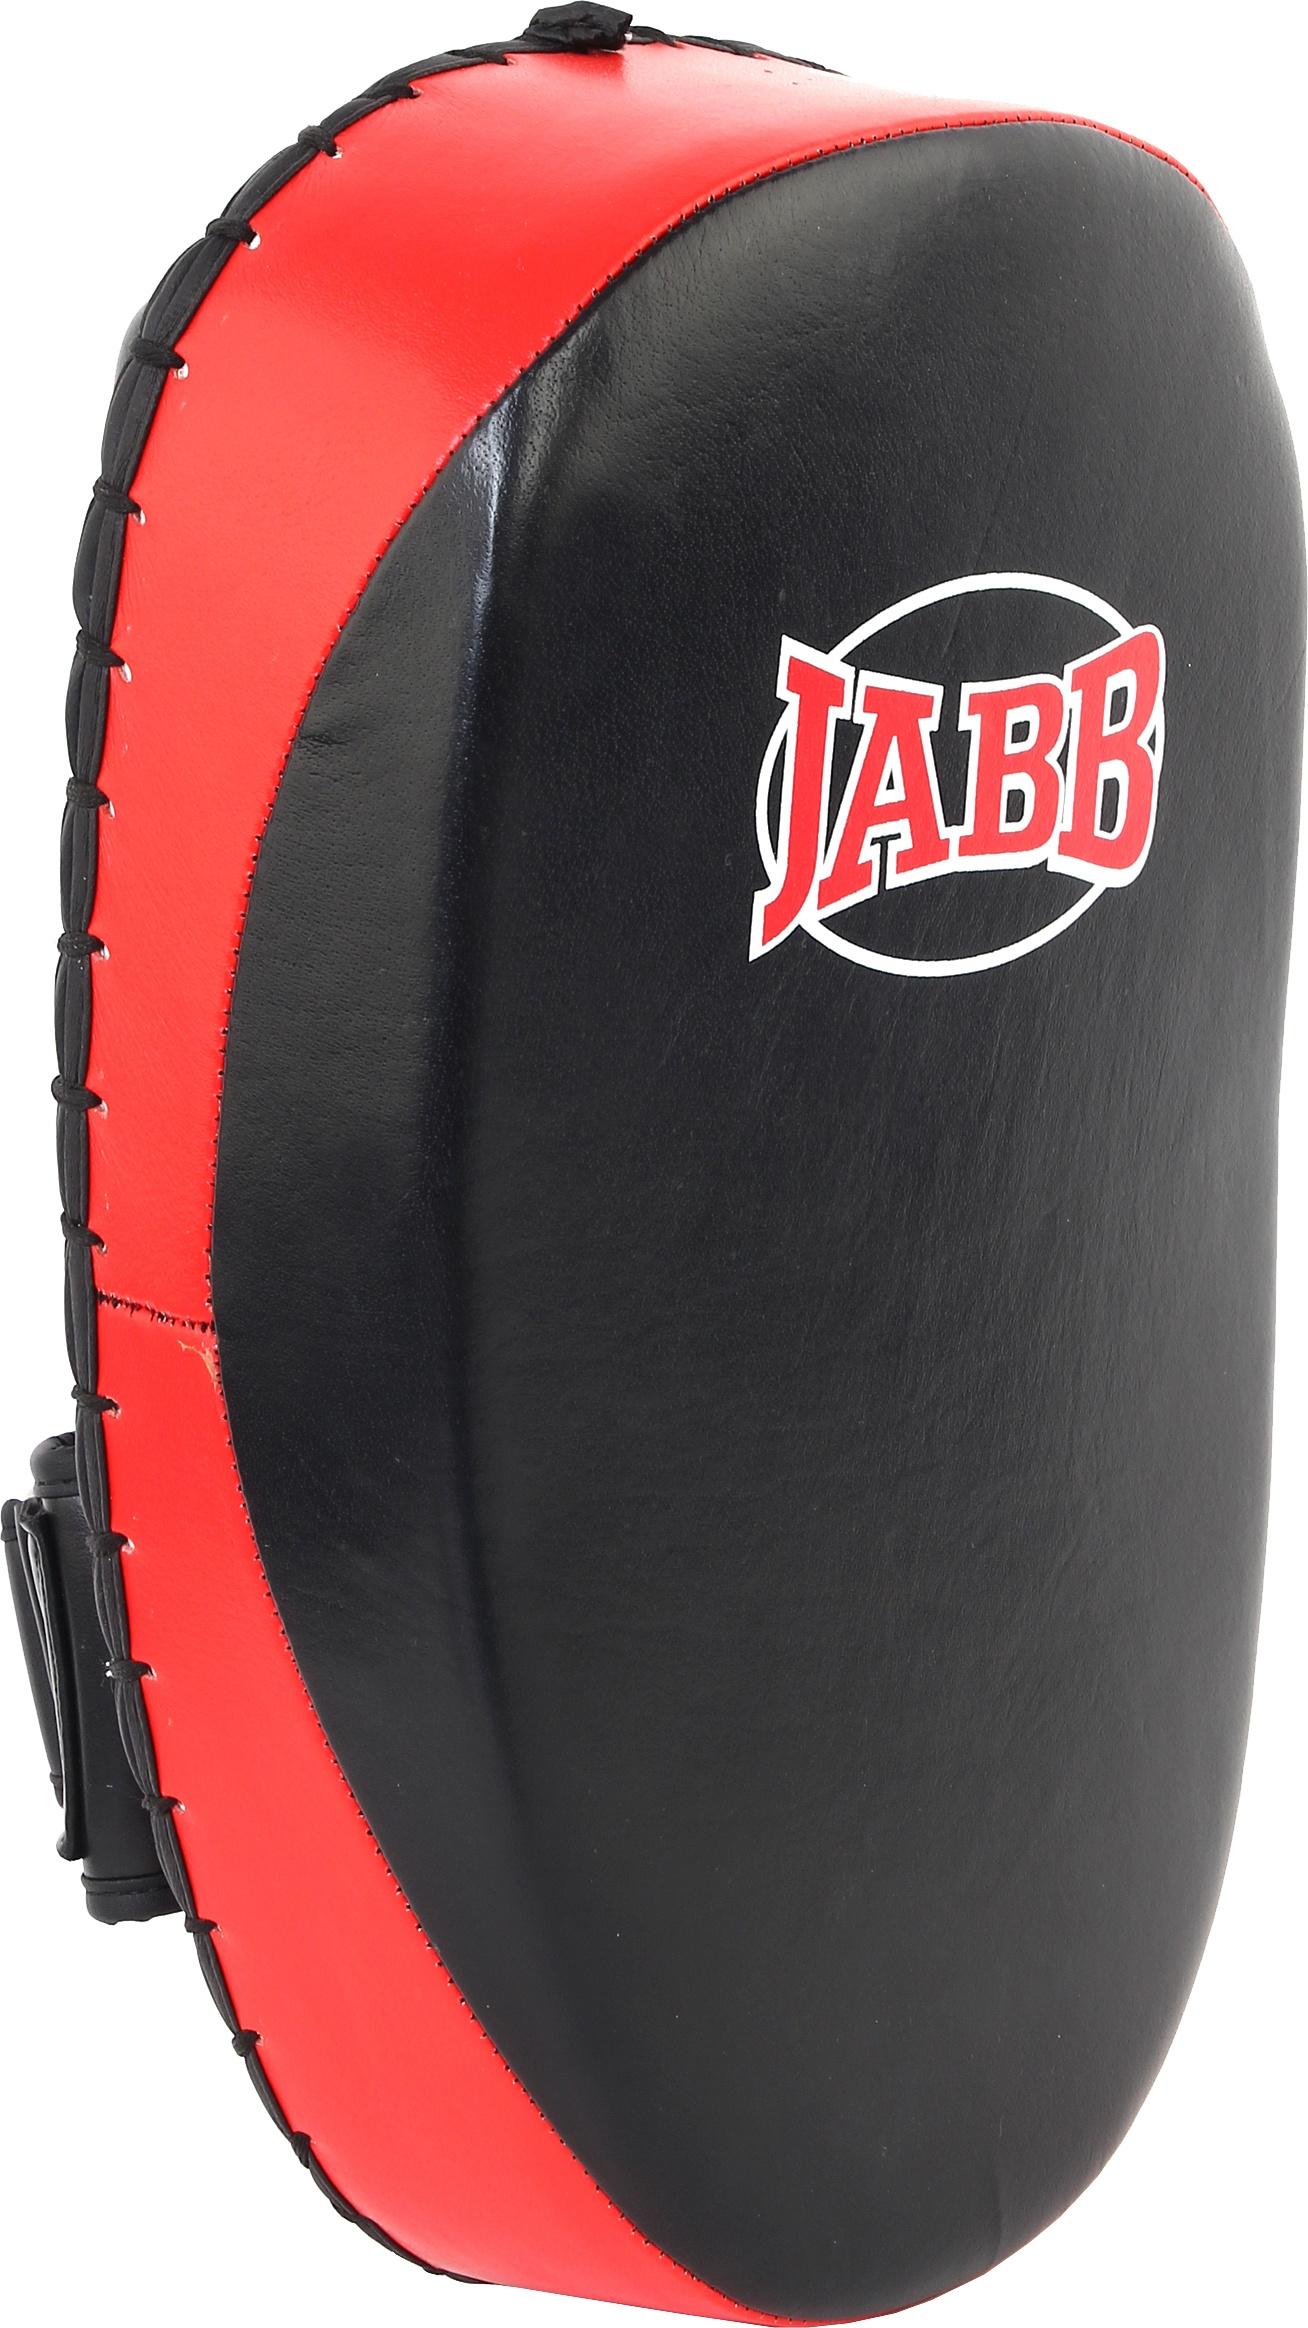 Макивара Jabb JE-2230 черно-красная